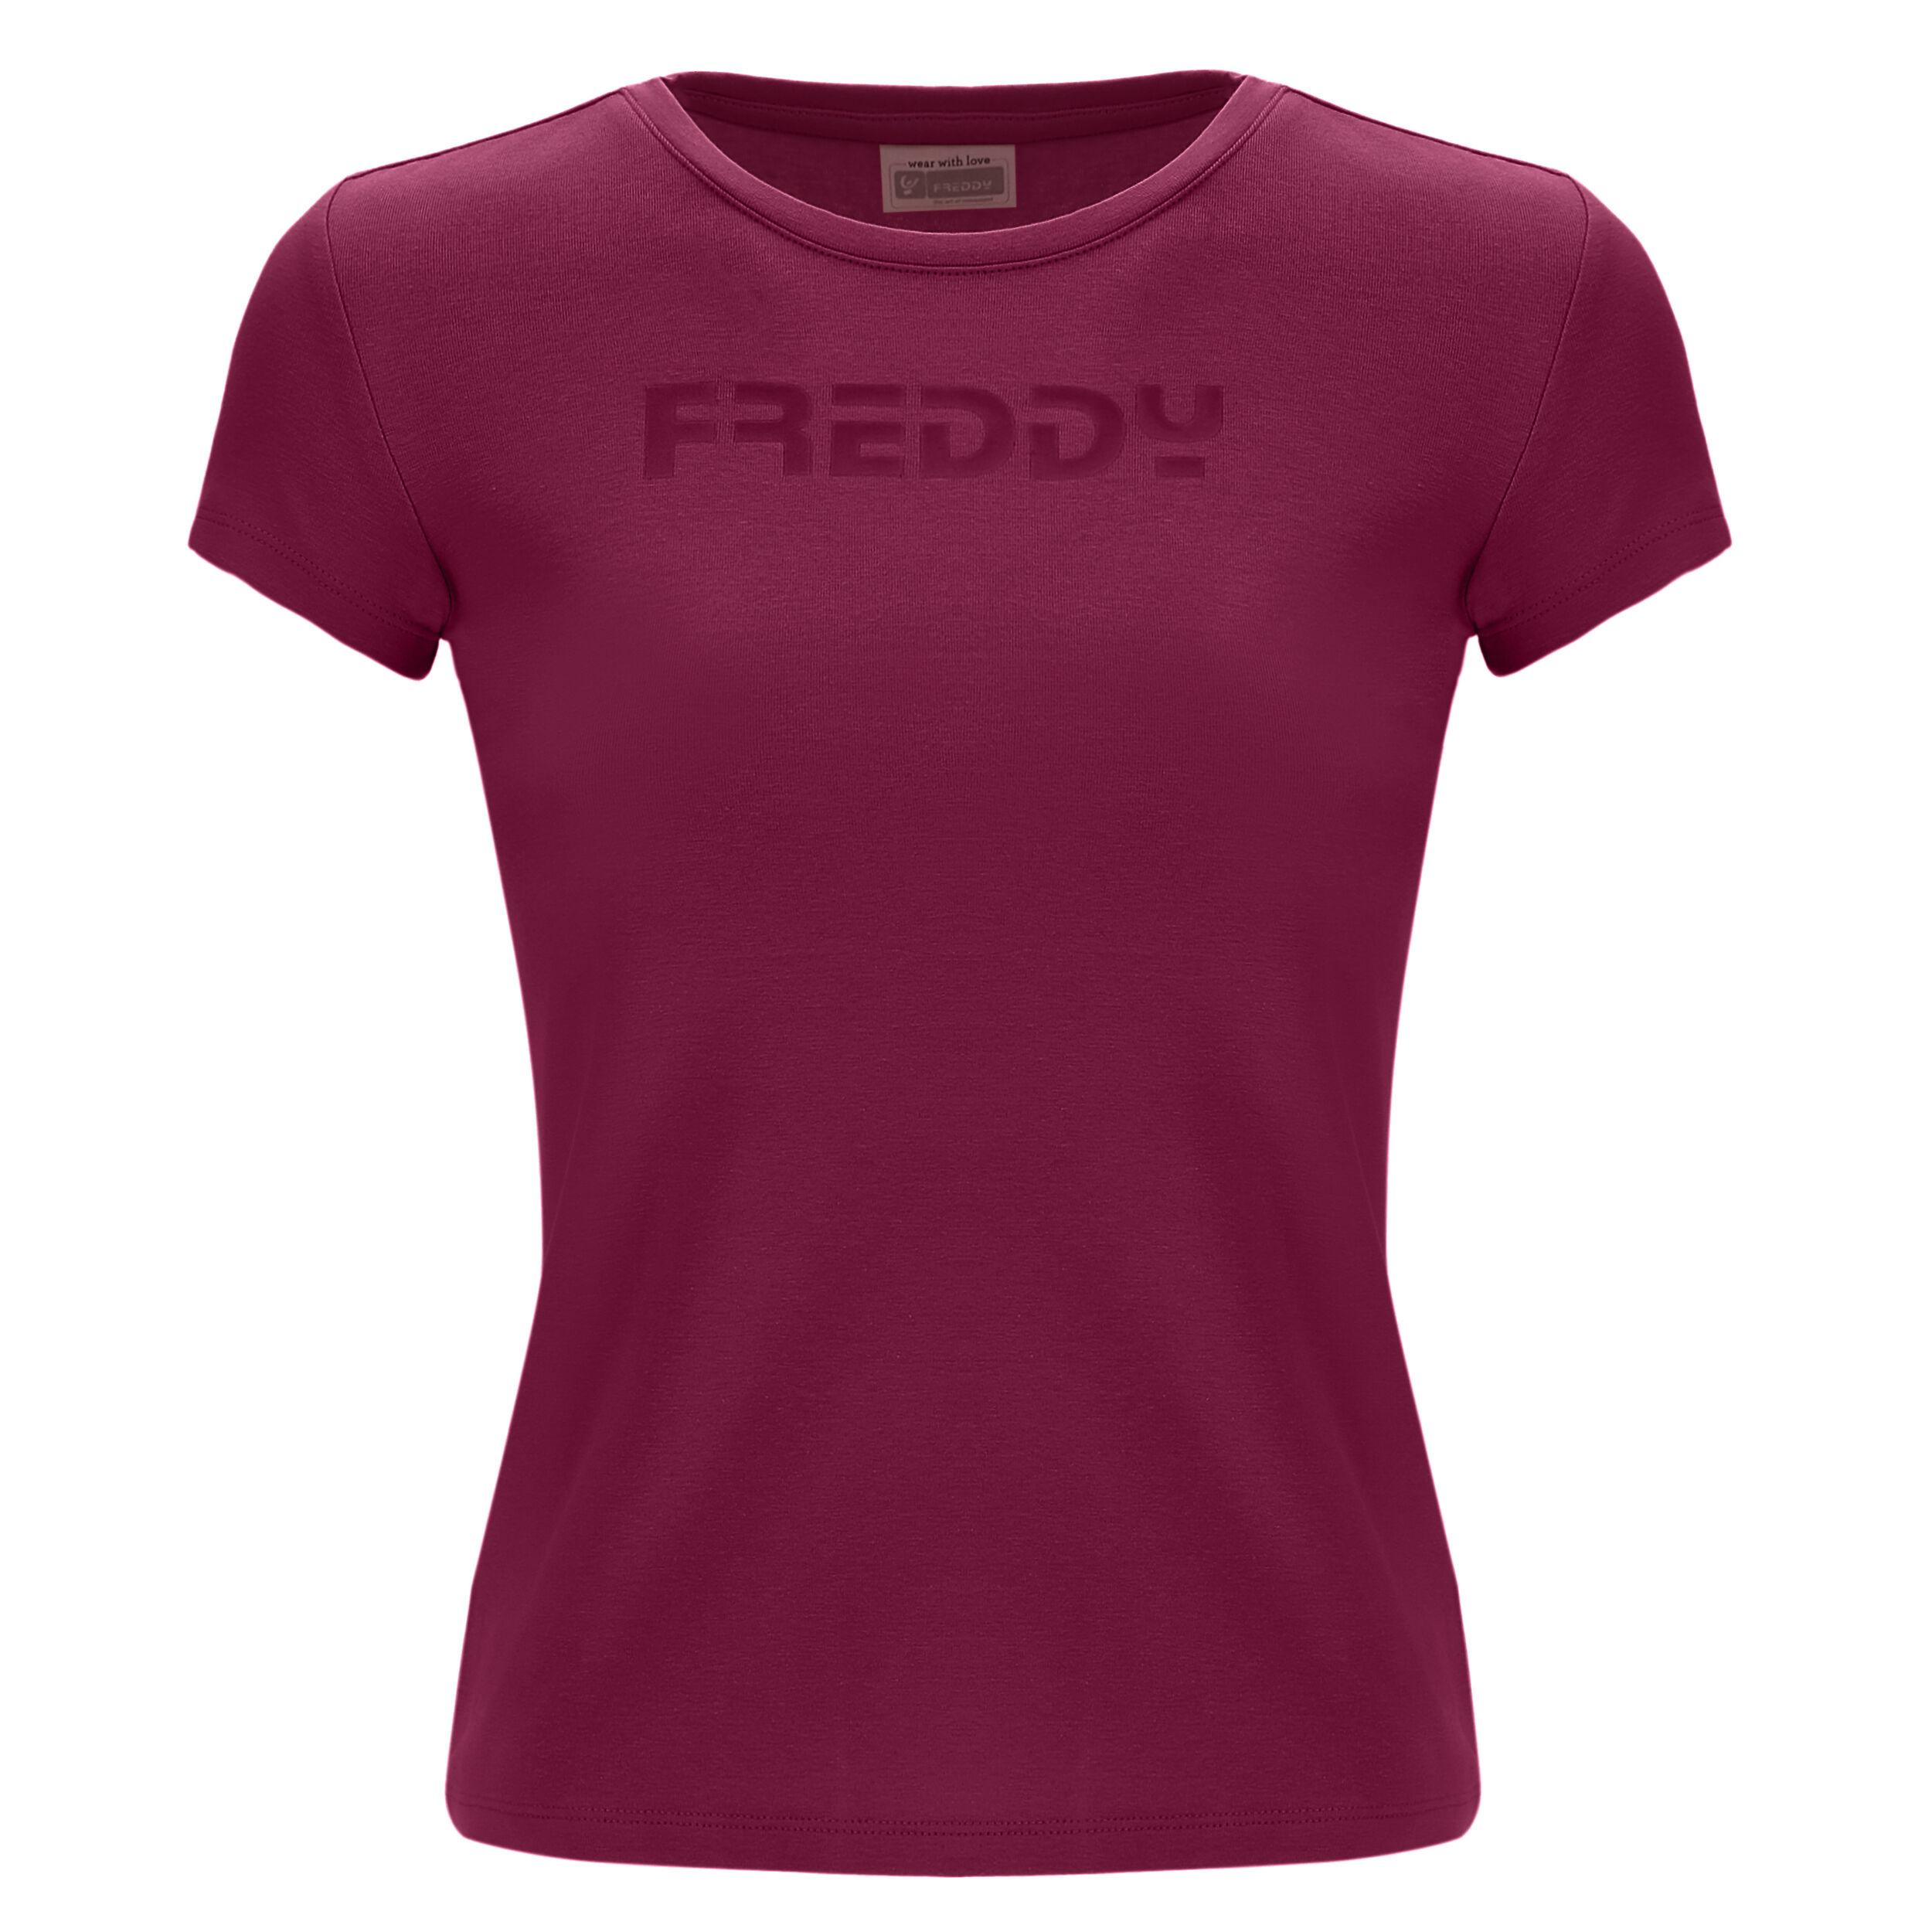 Freddy T-shirt bambina con logo  in tono colore Purple Potion